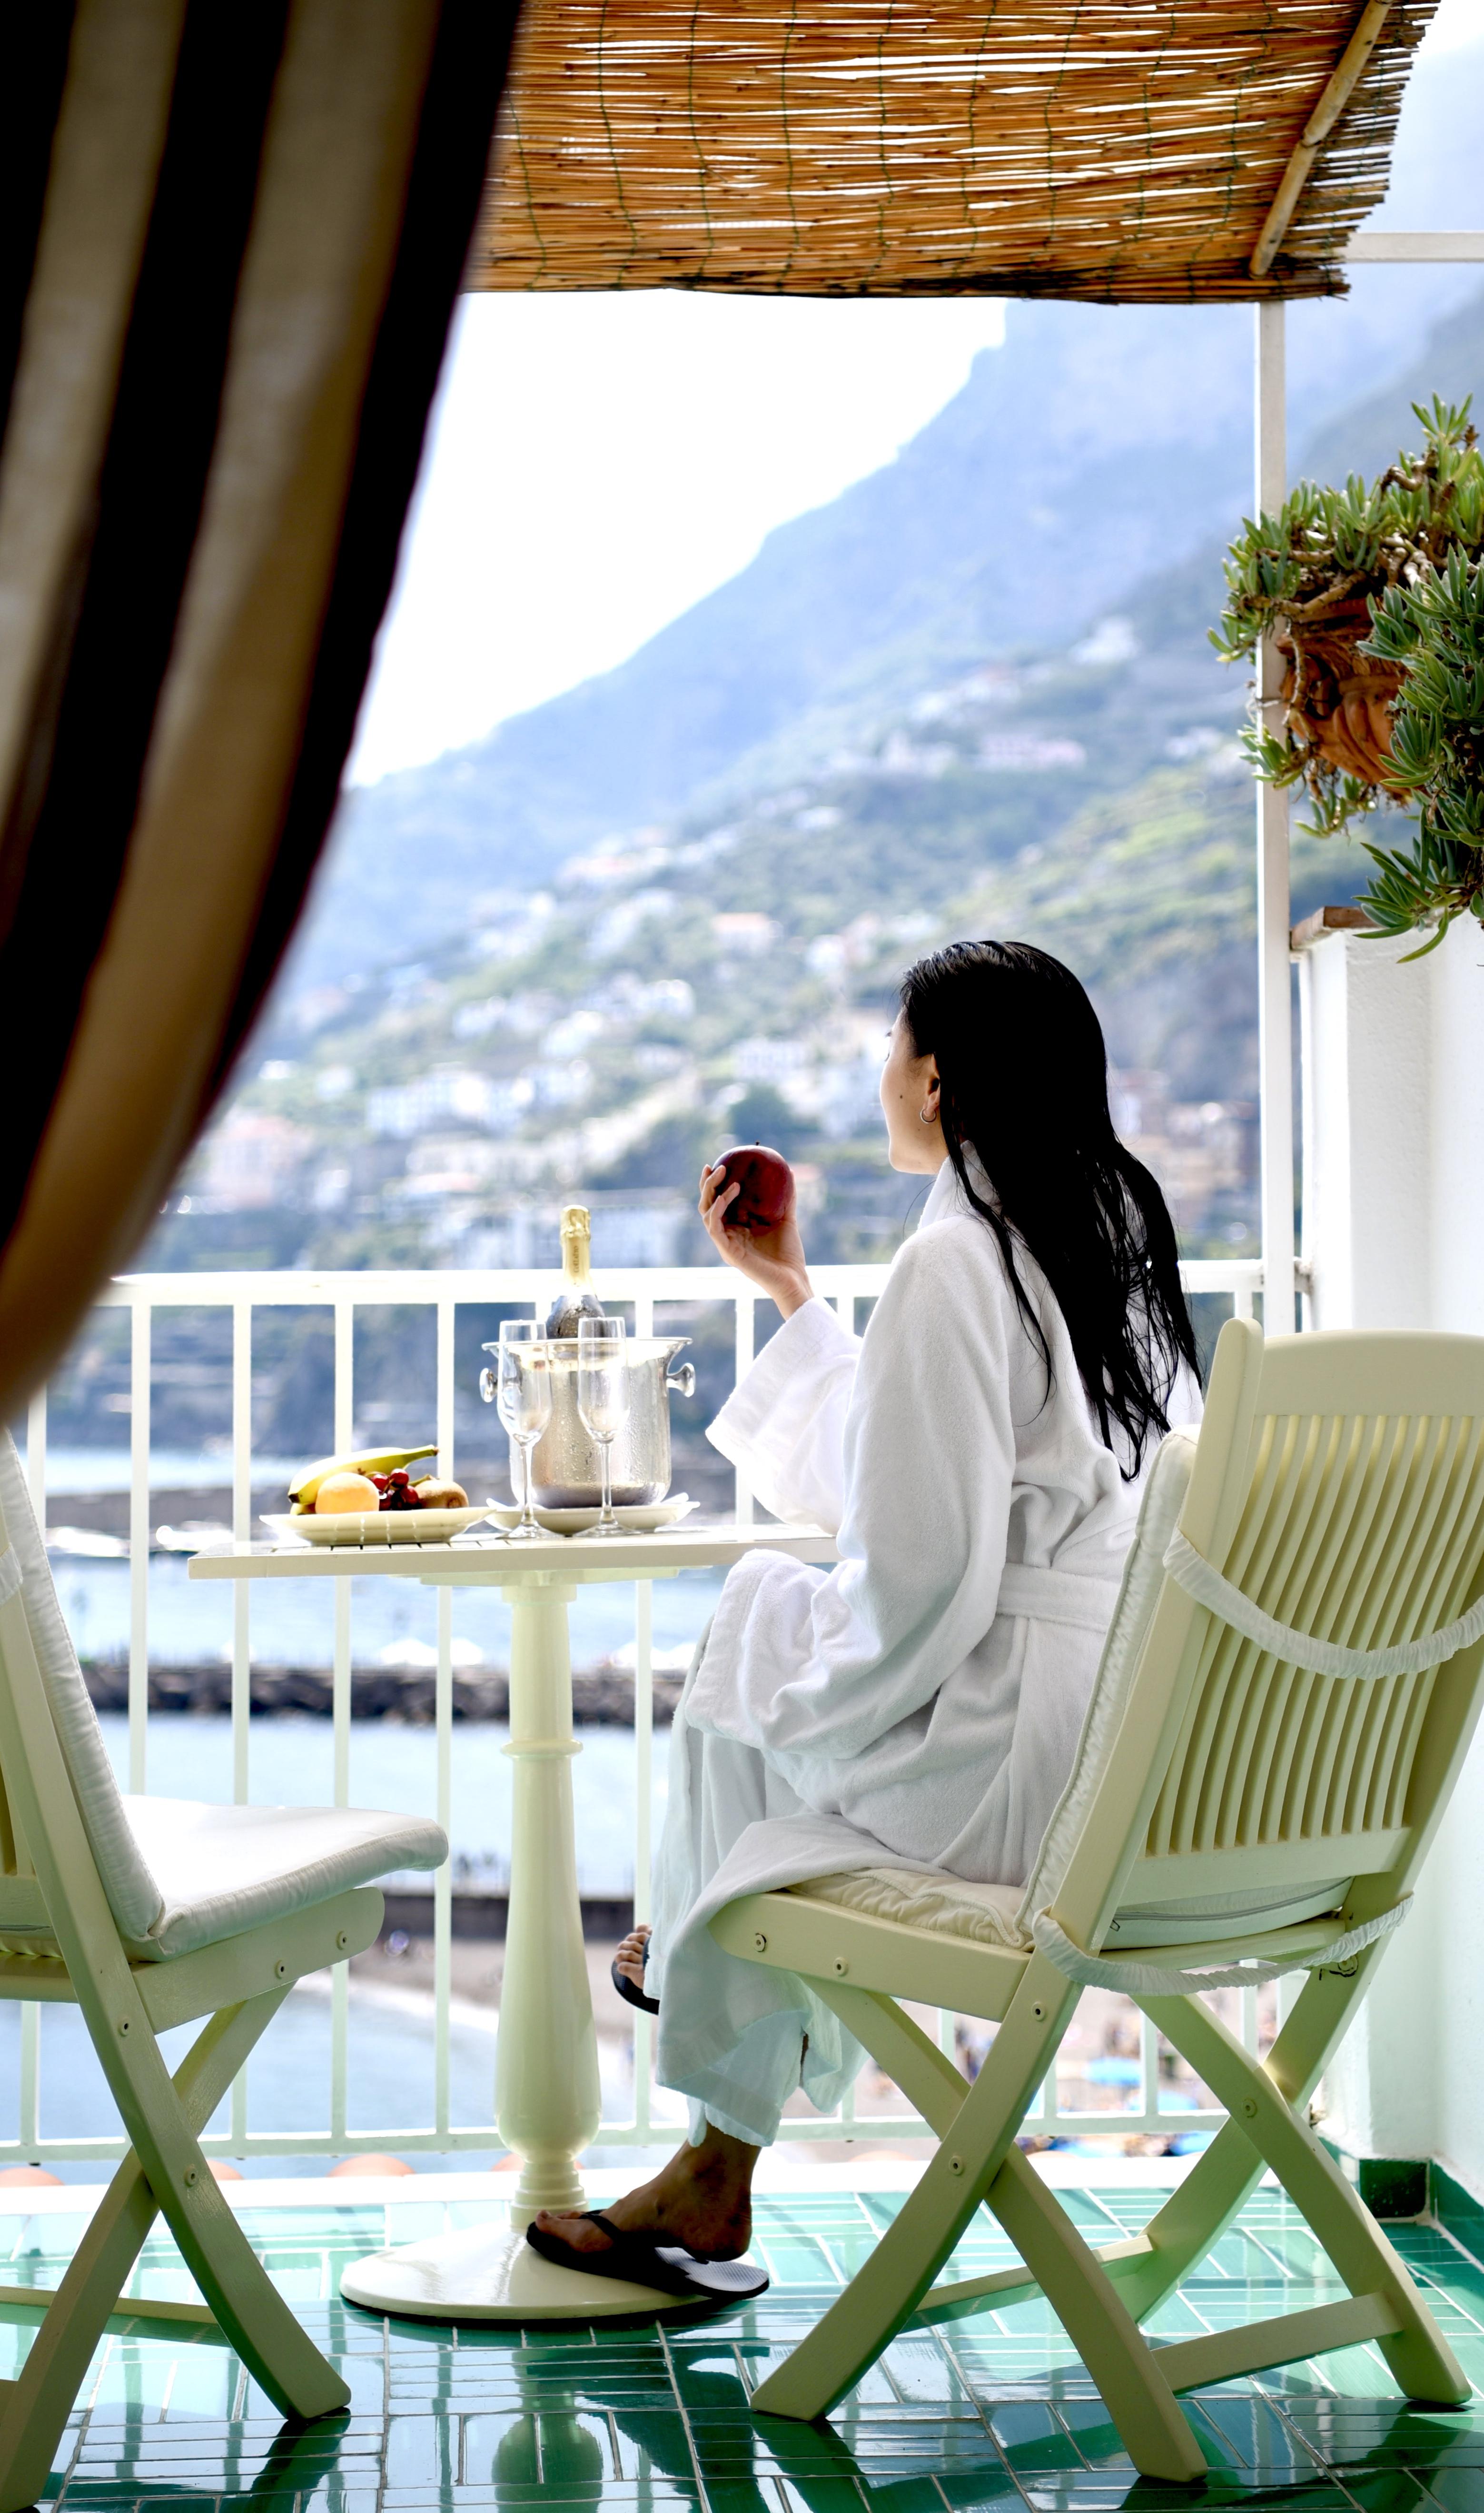 Balcony Bathrobe Robe Relax Vacation Hotel Marina Riviera Amalfi Coast Positano Italy DNXB dongnanxibei